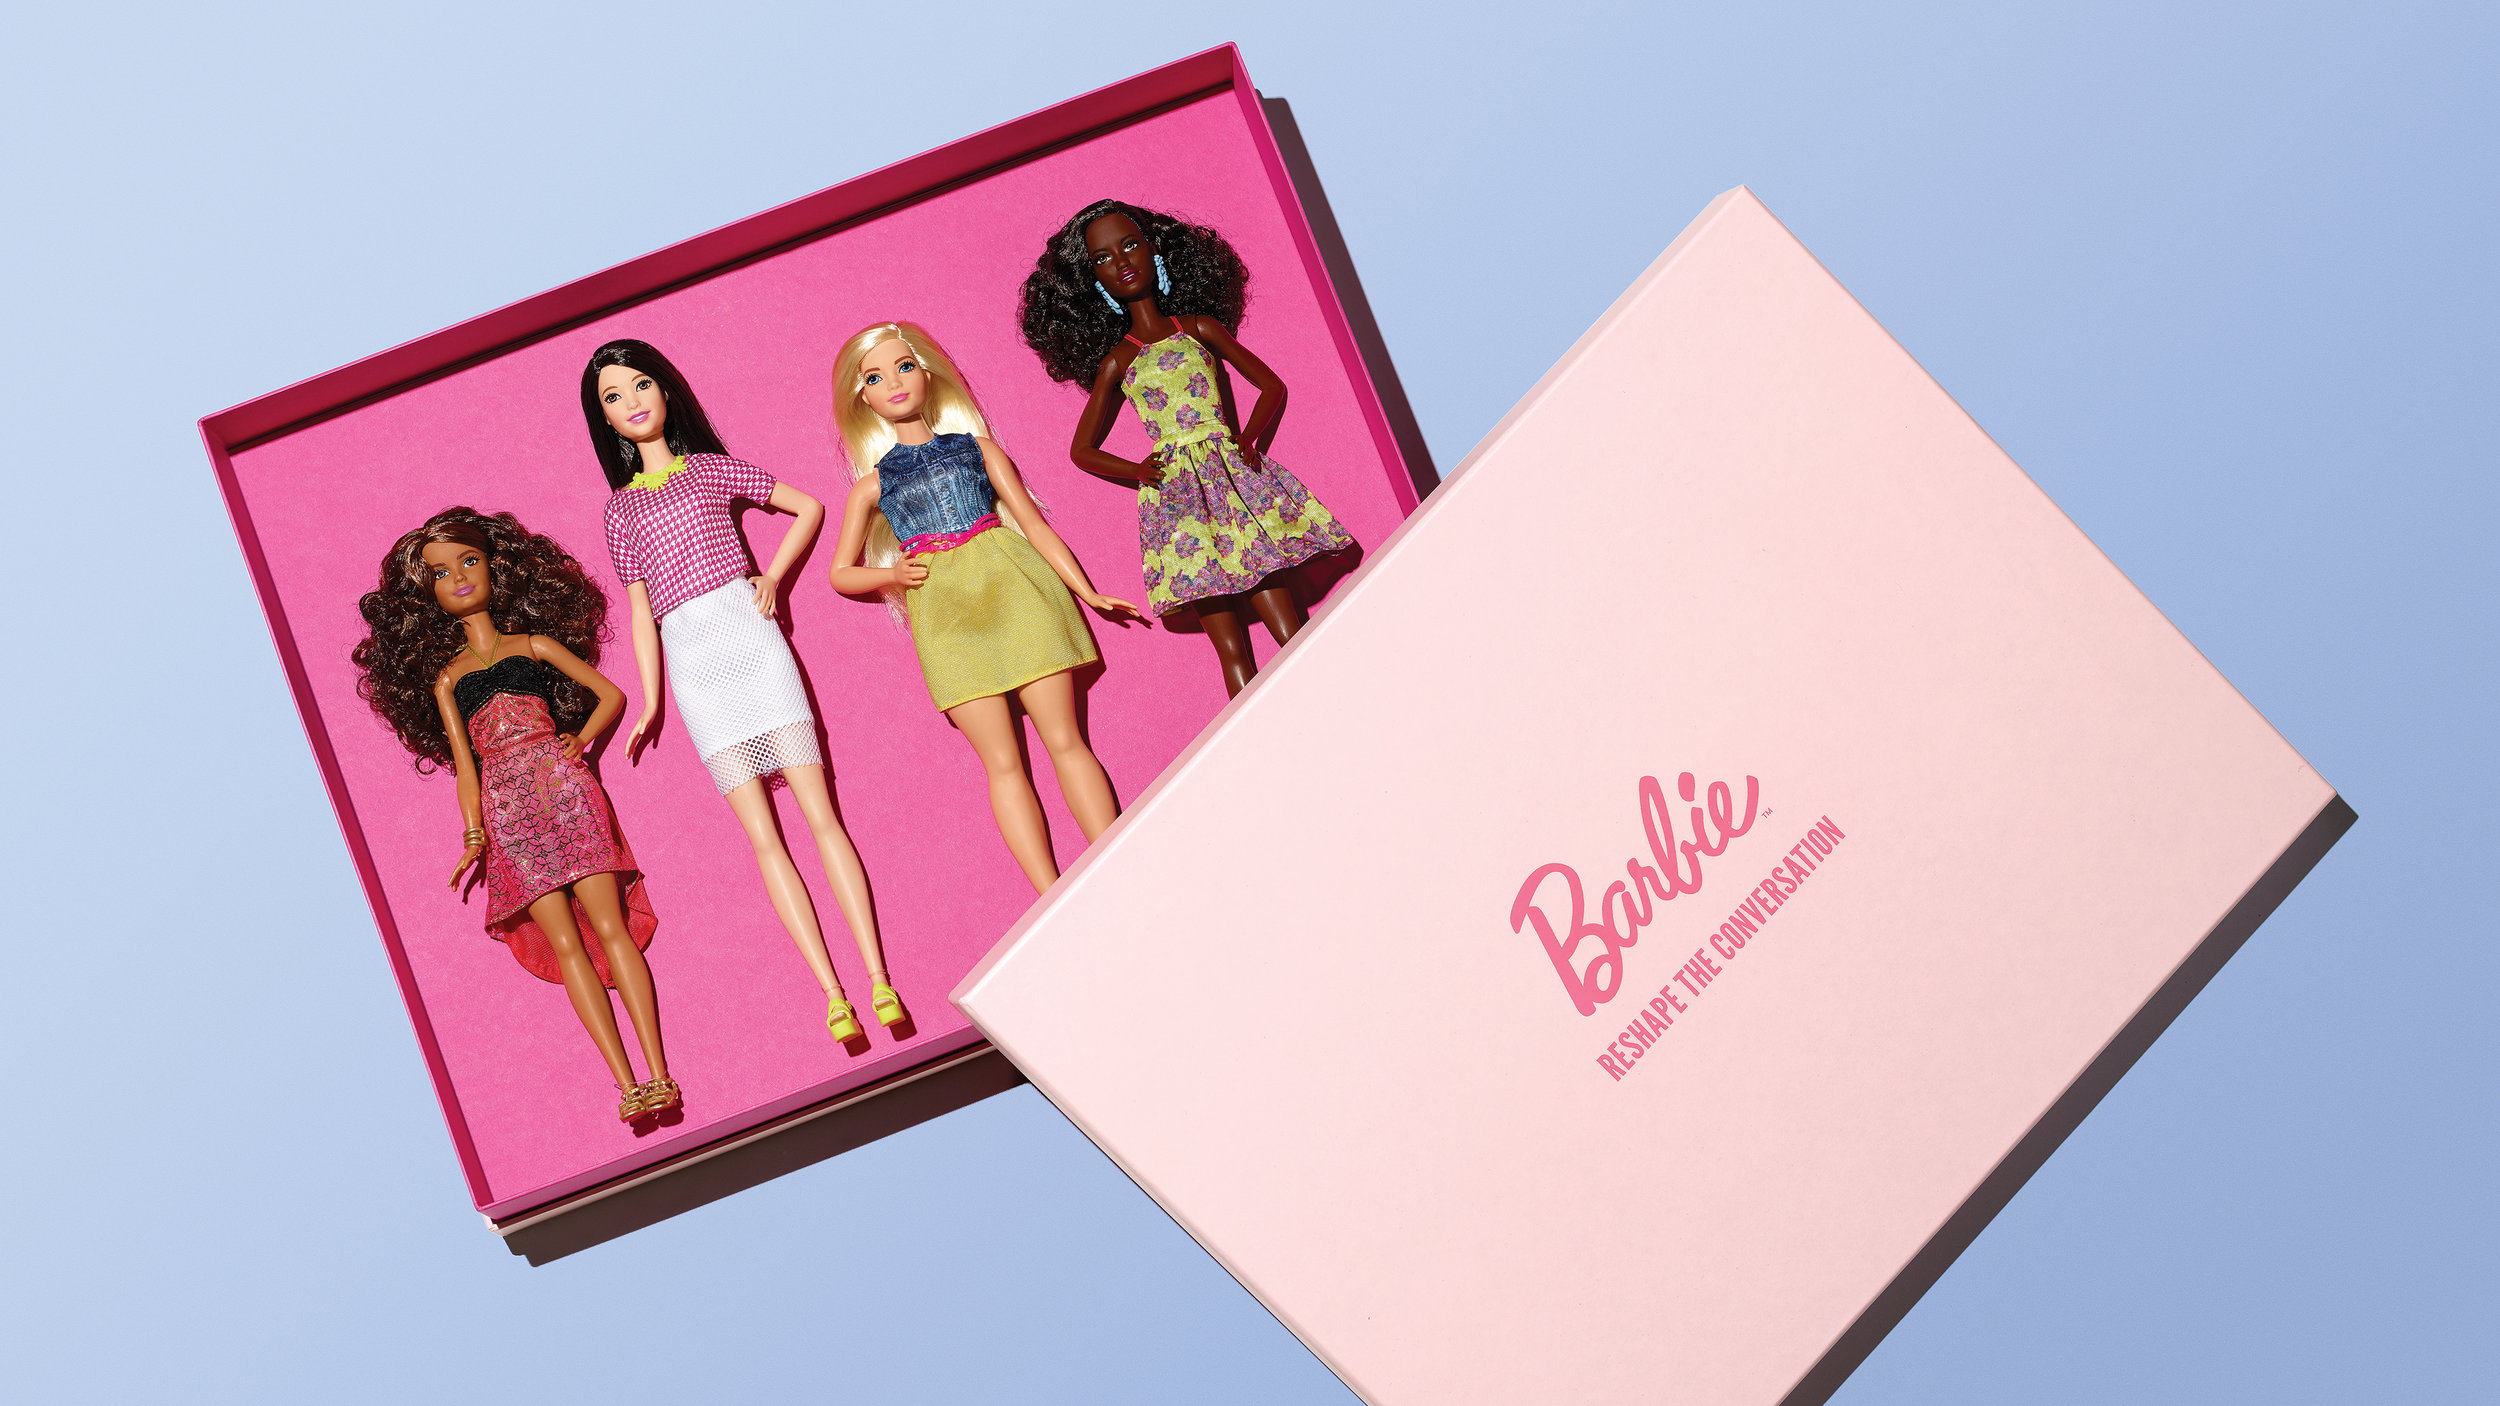 MRB_Web_Barbie_0009_10.jpg